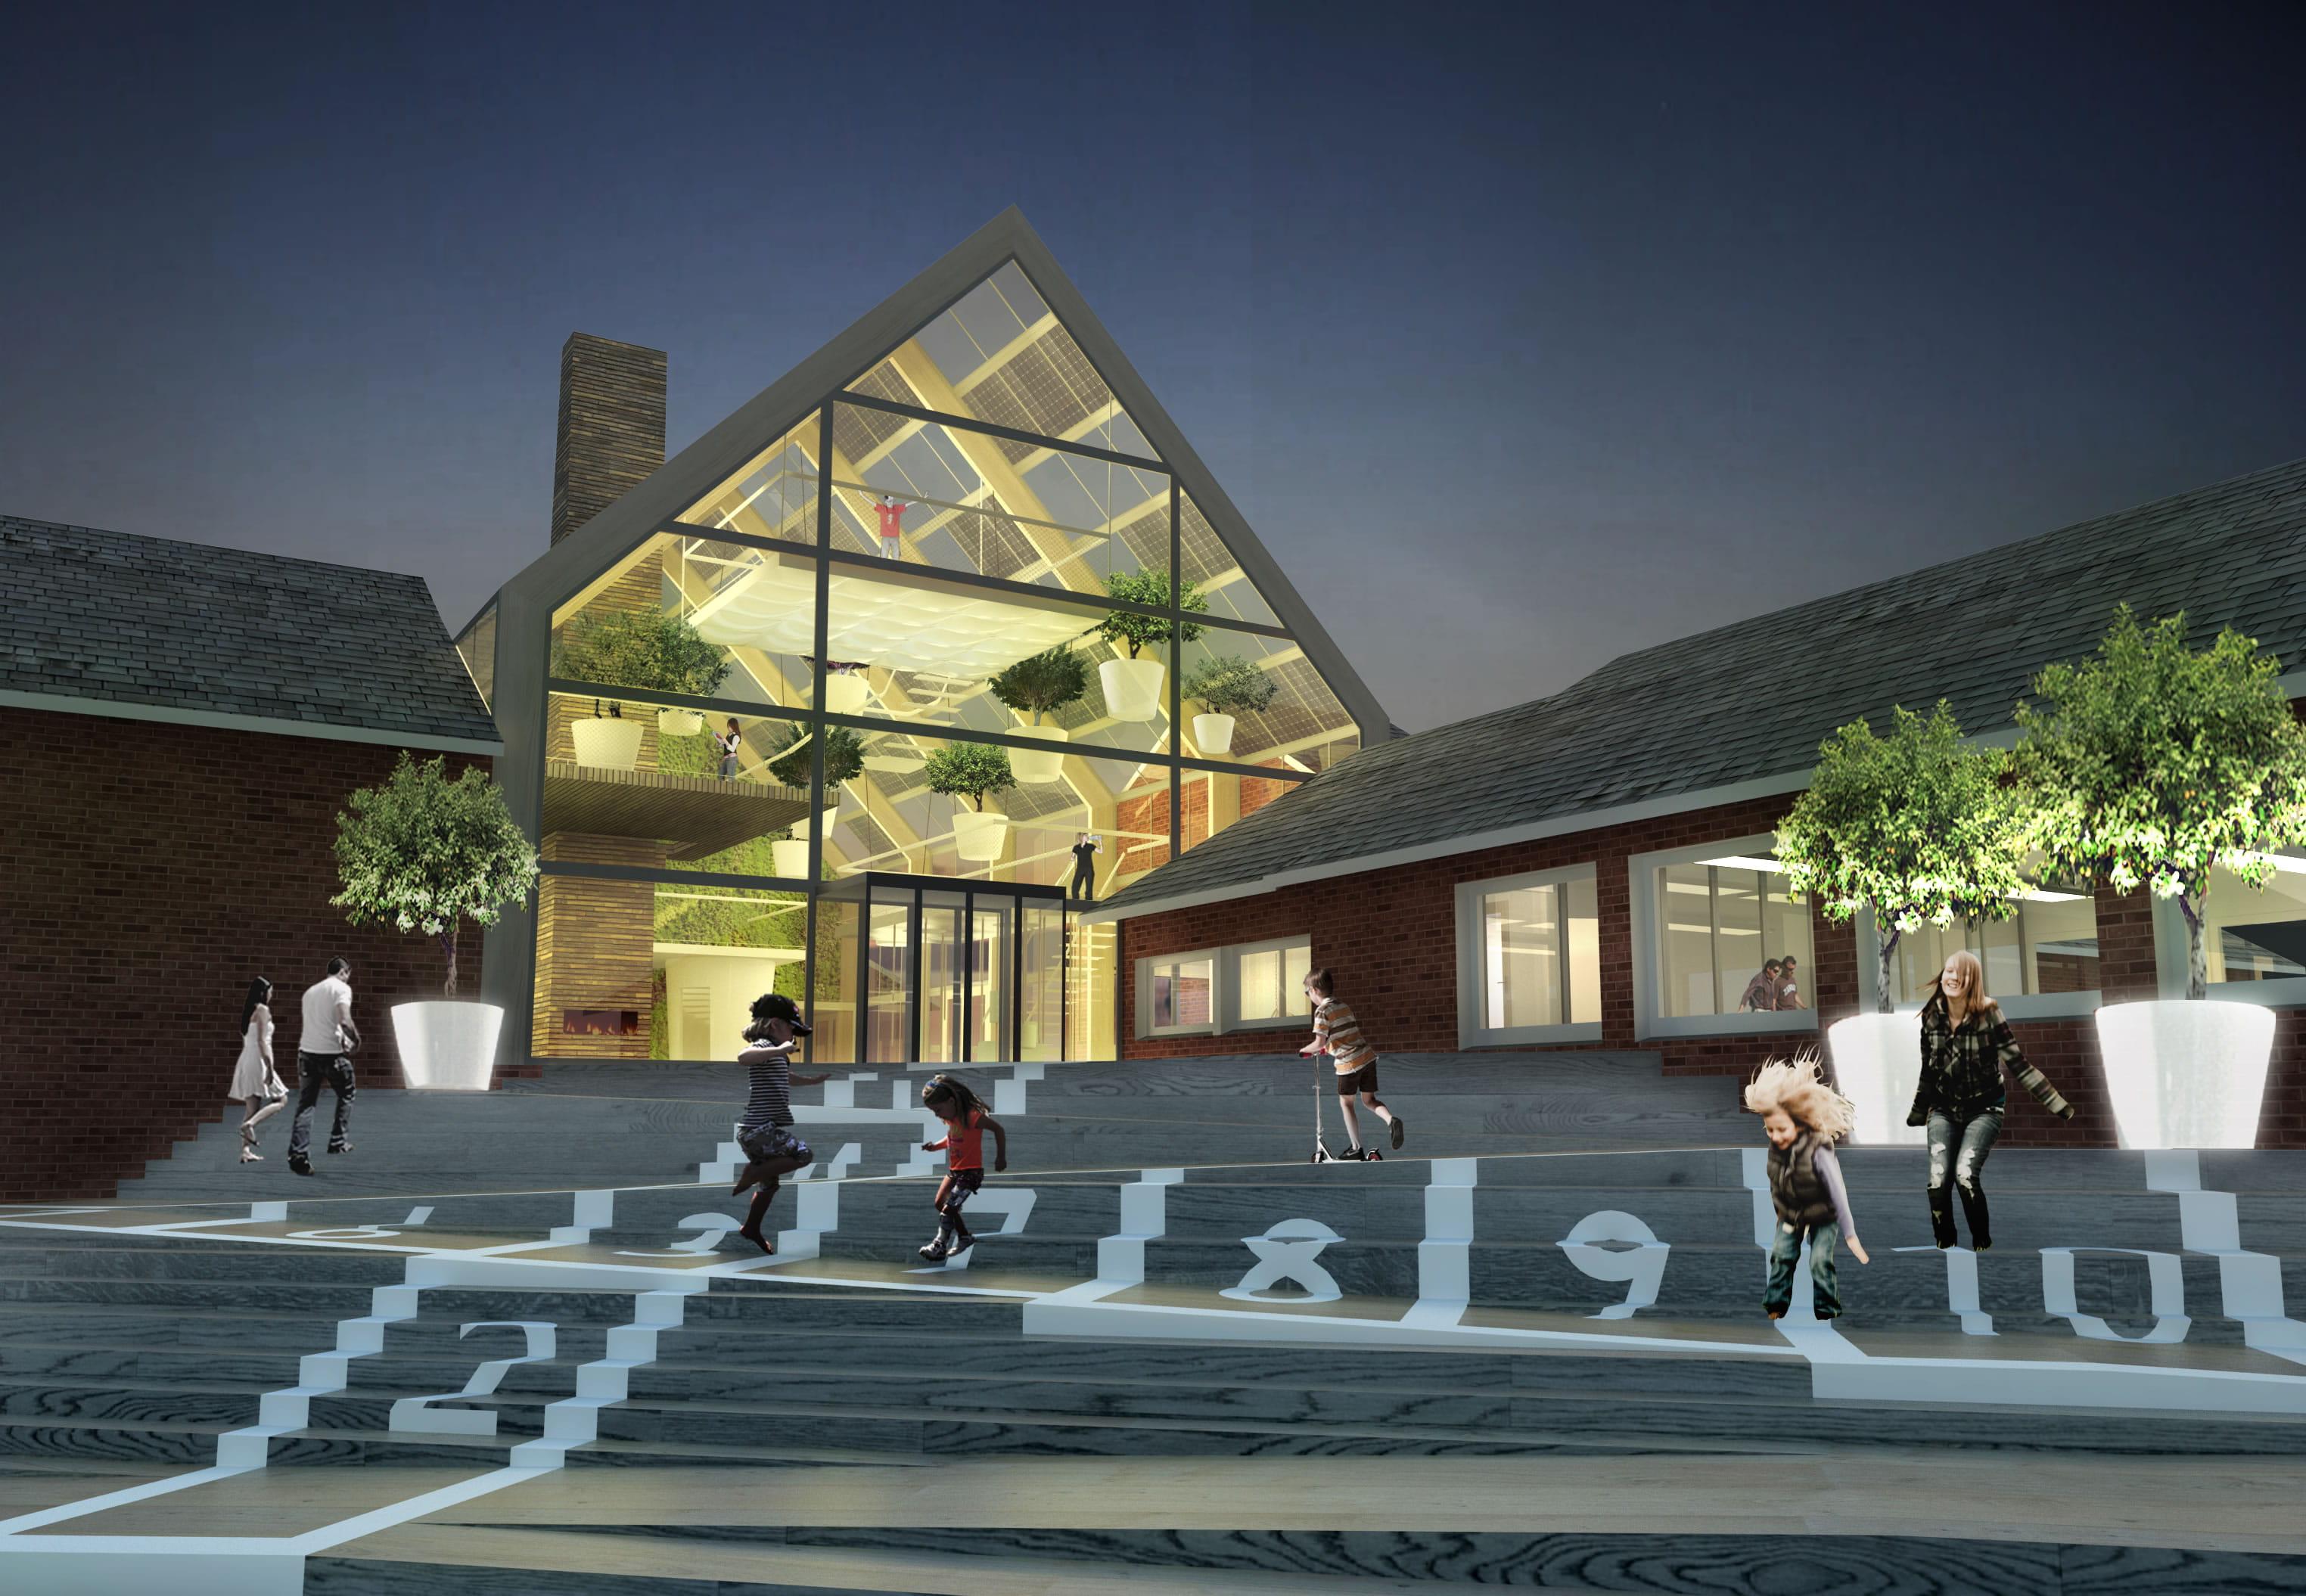 det nye x hus i vester hsinge rykker nrmere - Moderne Huser 2015